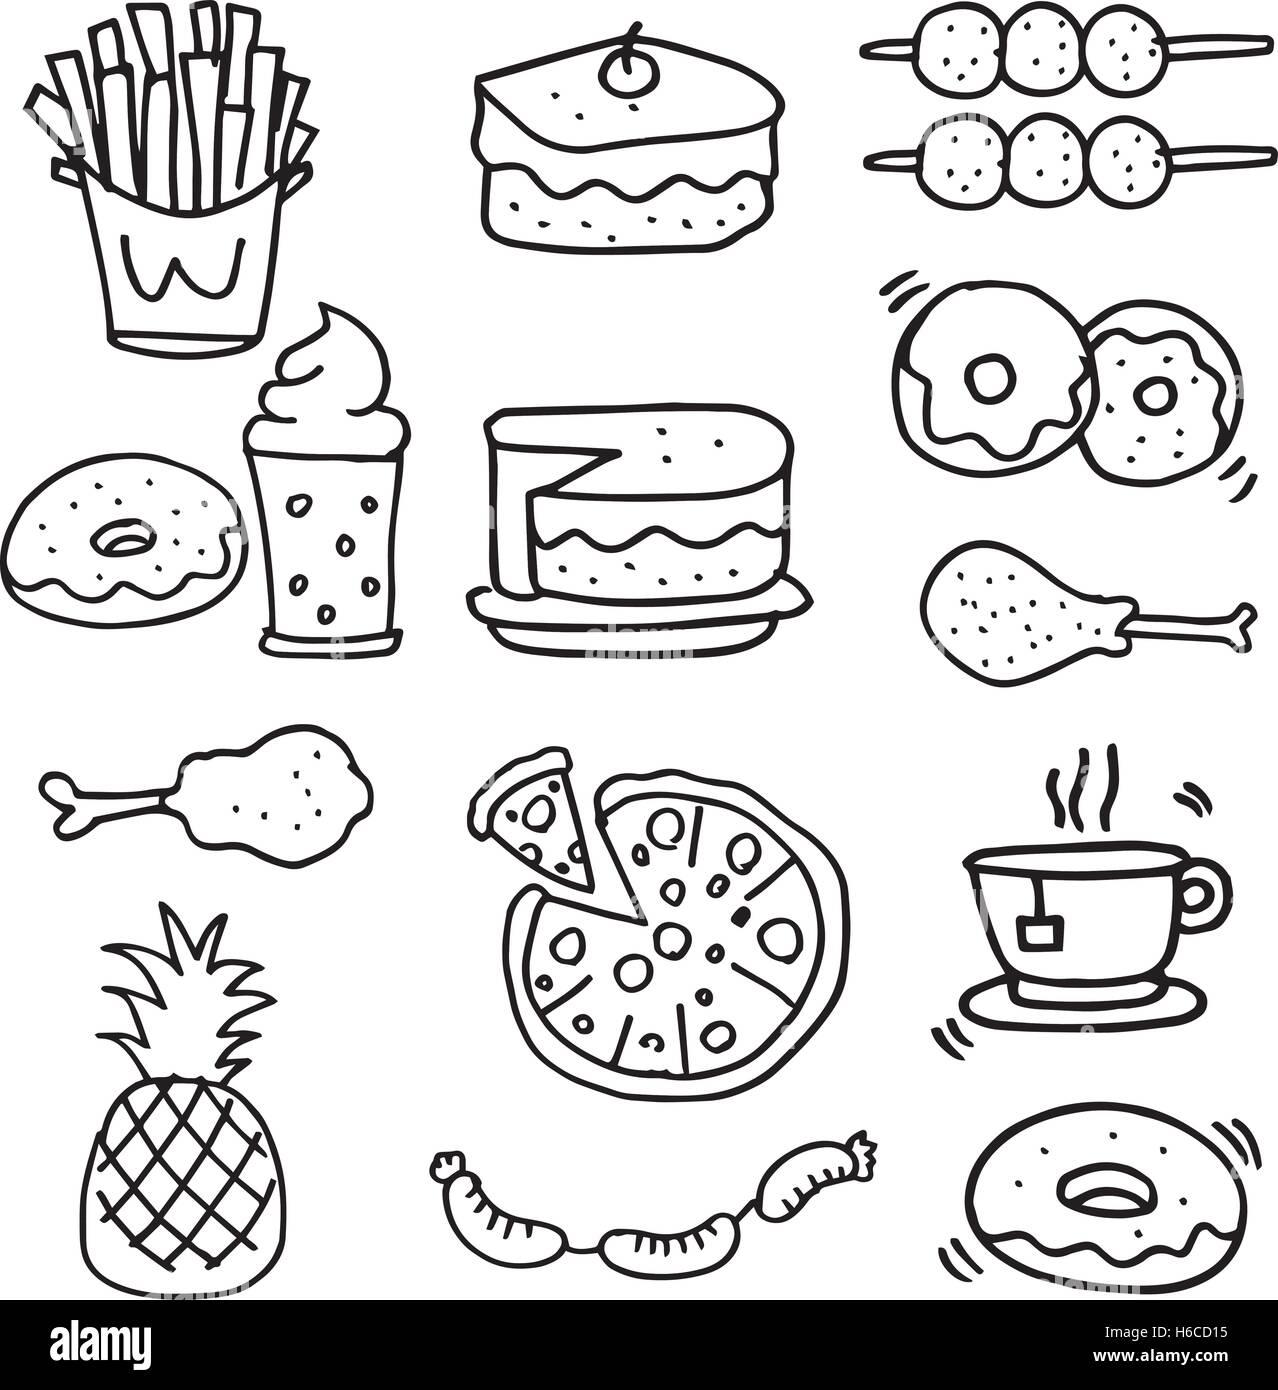 Doodle De Comida De Desayuno Almuerzo O Cena De Arte